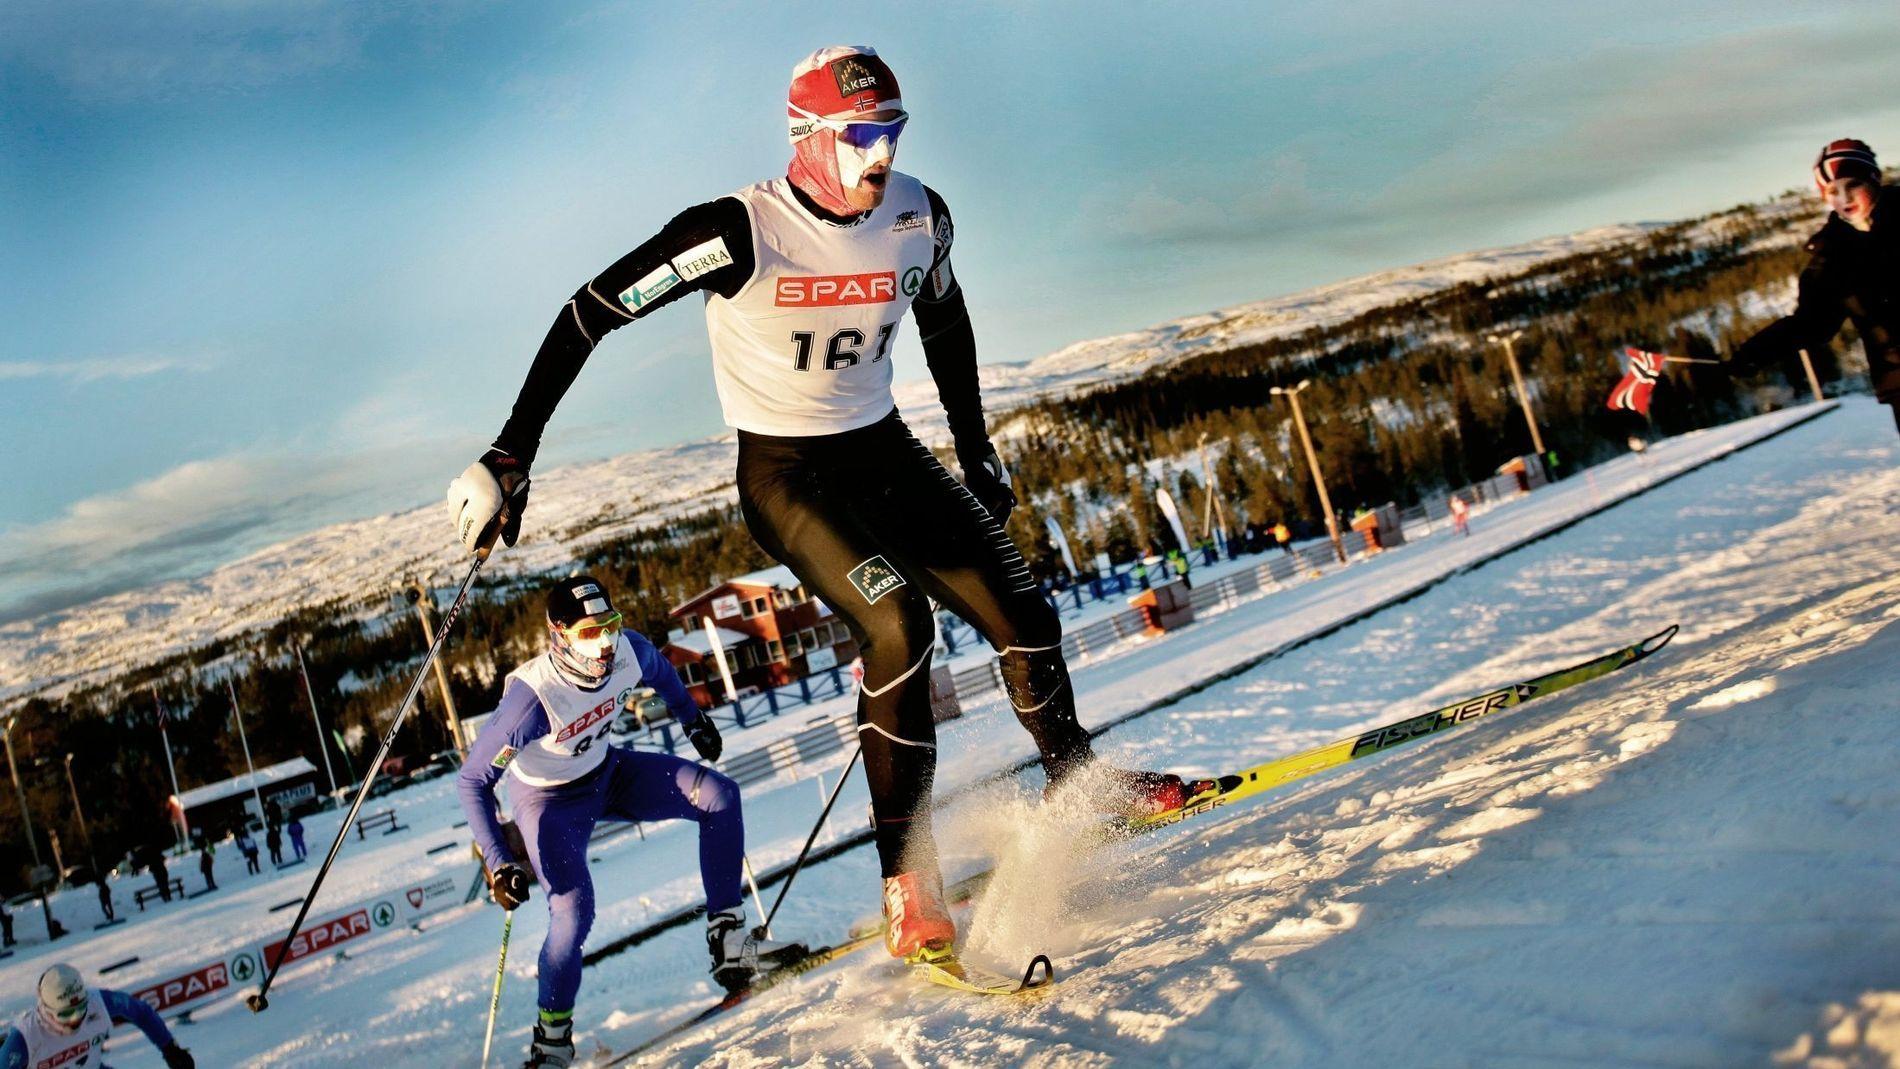 TRØNDERNE LEDER AN: Petter Northug, en av mange norske vinter-OL-utøvere fra Trøndelag, leder an i Norgescupen i langrenn i Meråker, Trøndelag i 2010.